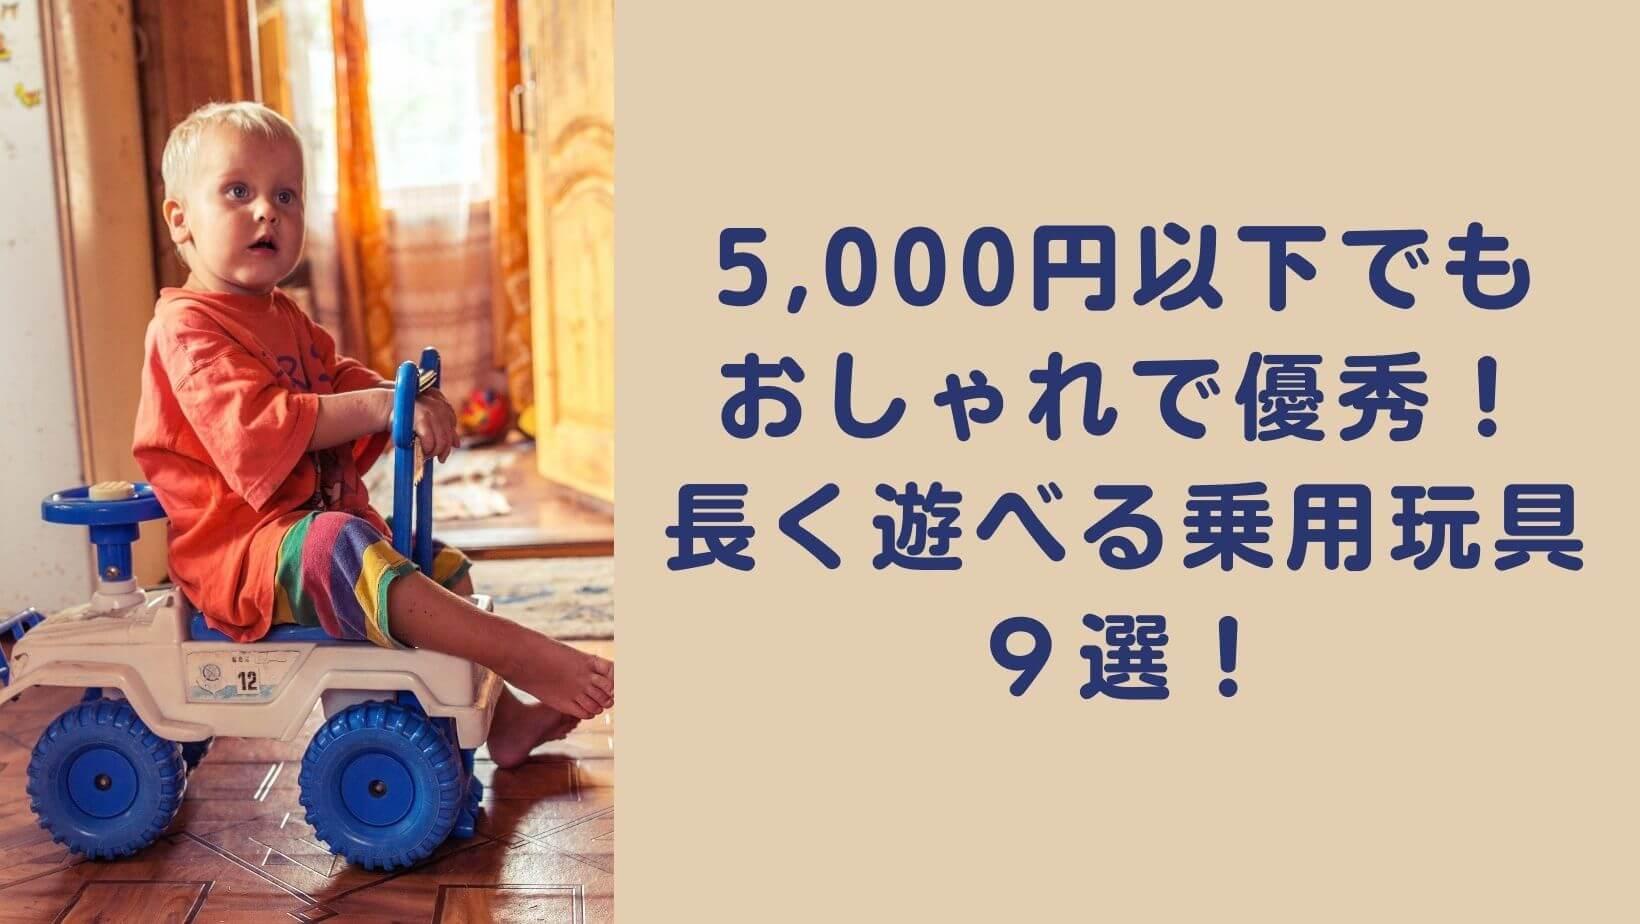 5,000円以下でもおしゃれで優秀!長く遊べる乗用玩具9選!